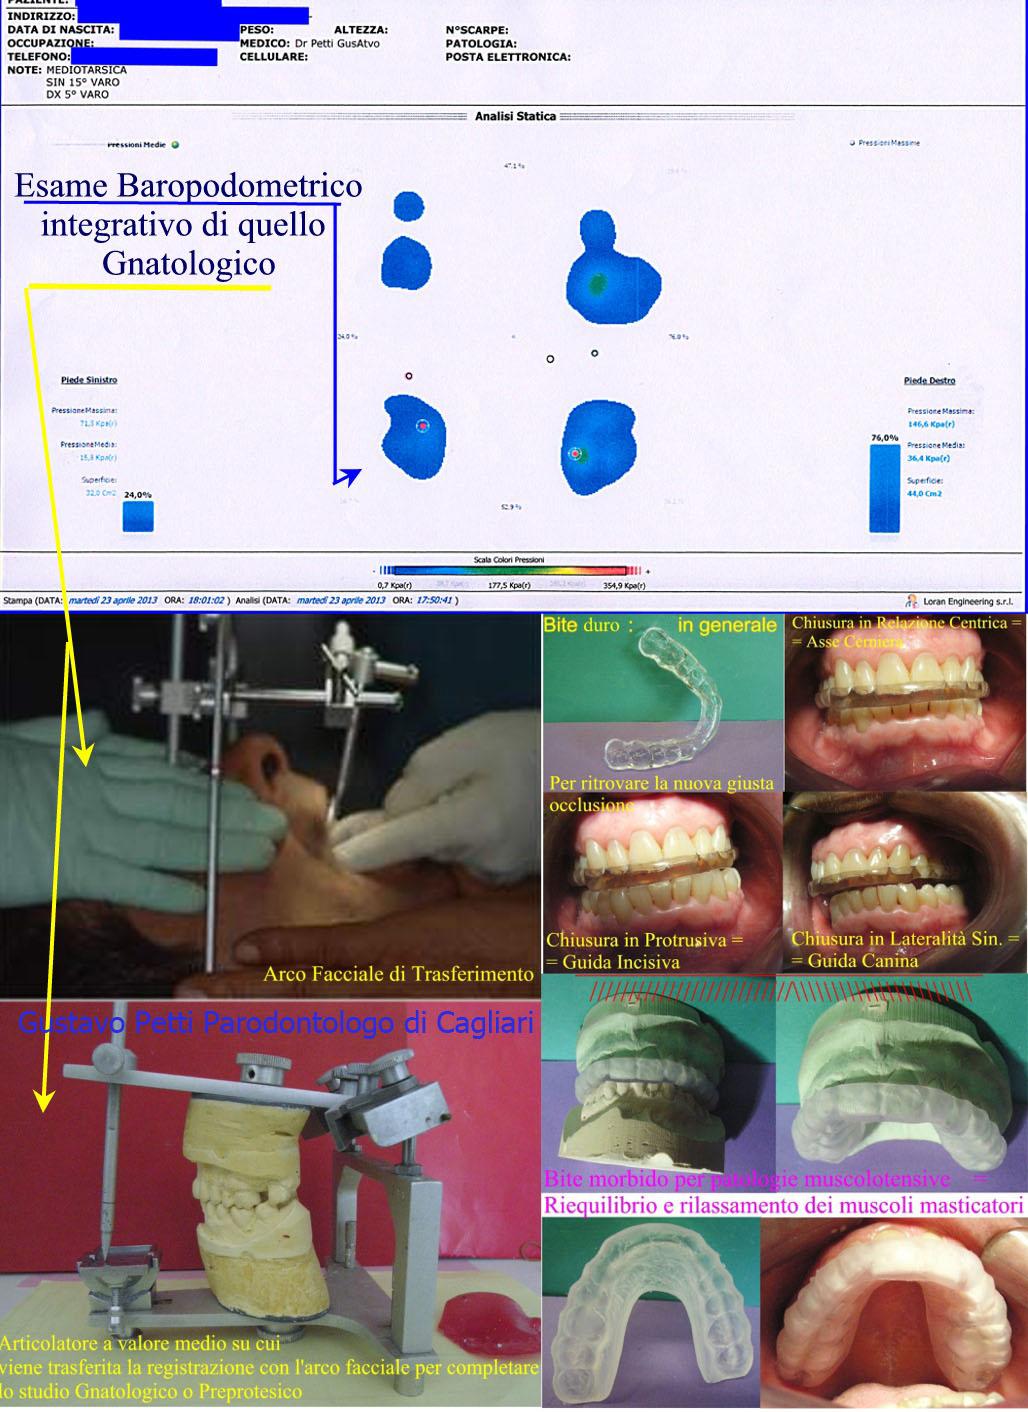 gnatologia-dr-g.petti-cagliari-311.jpg